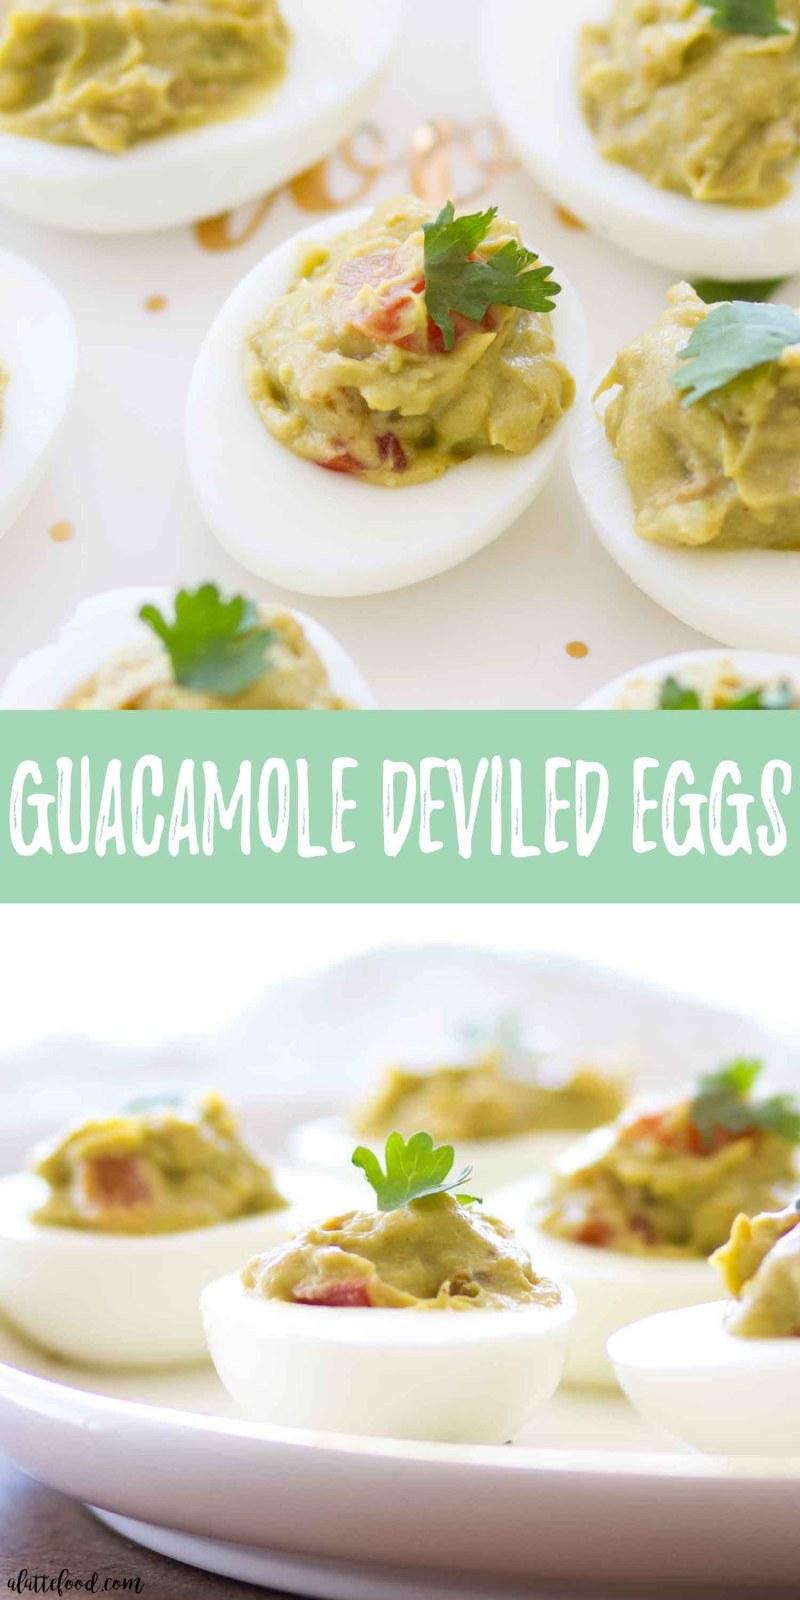 guacamole deviled eggs collage